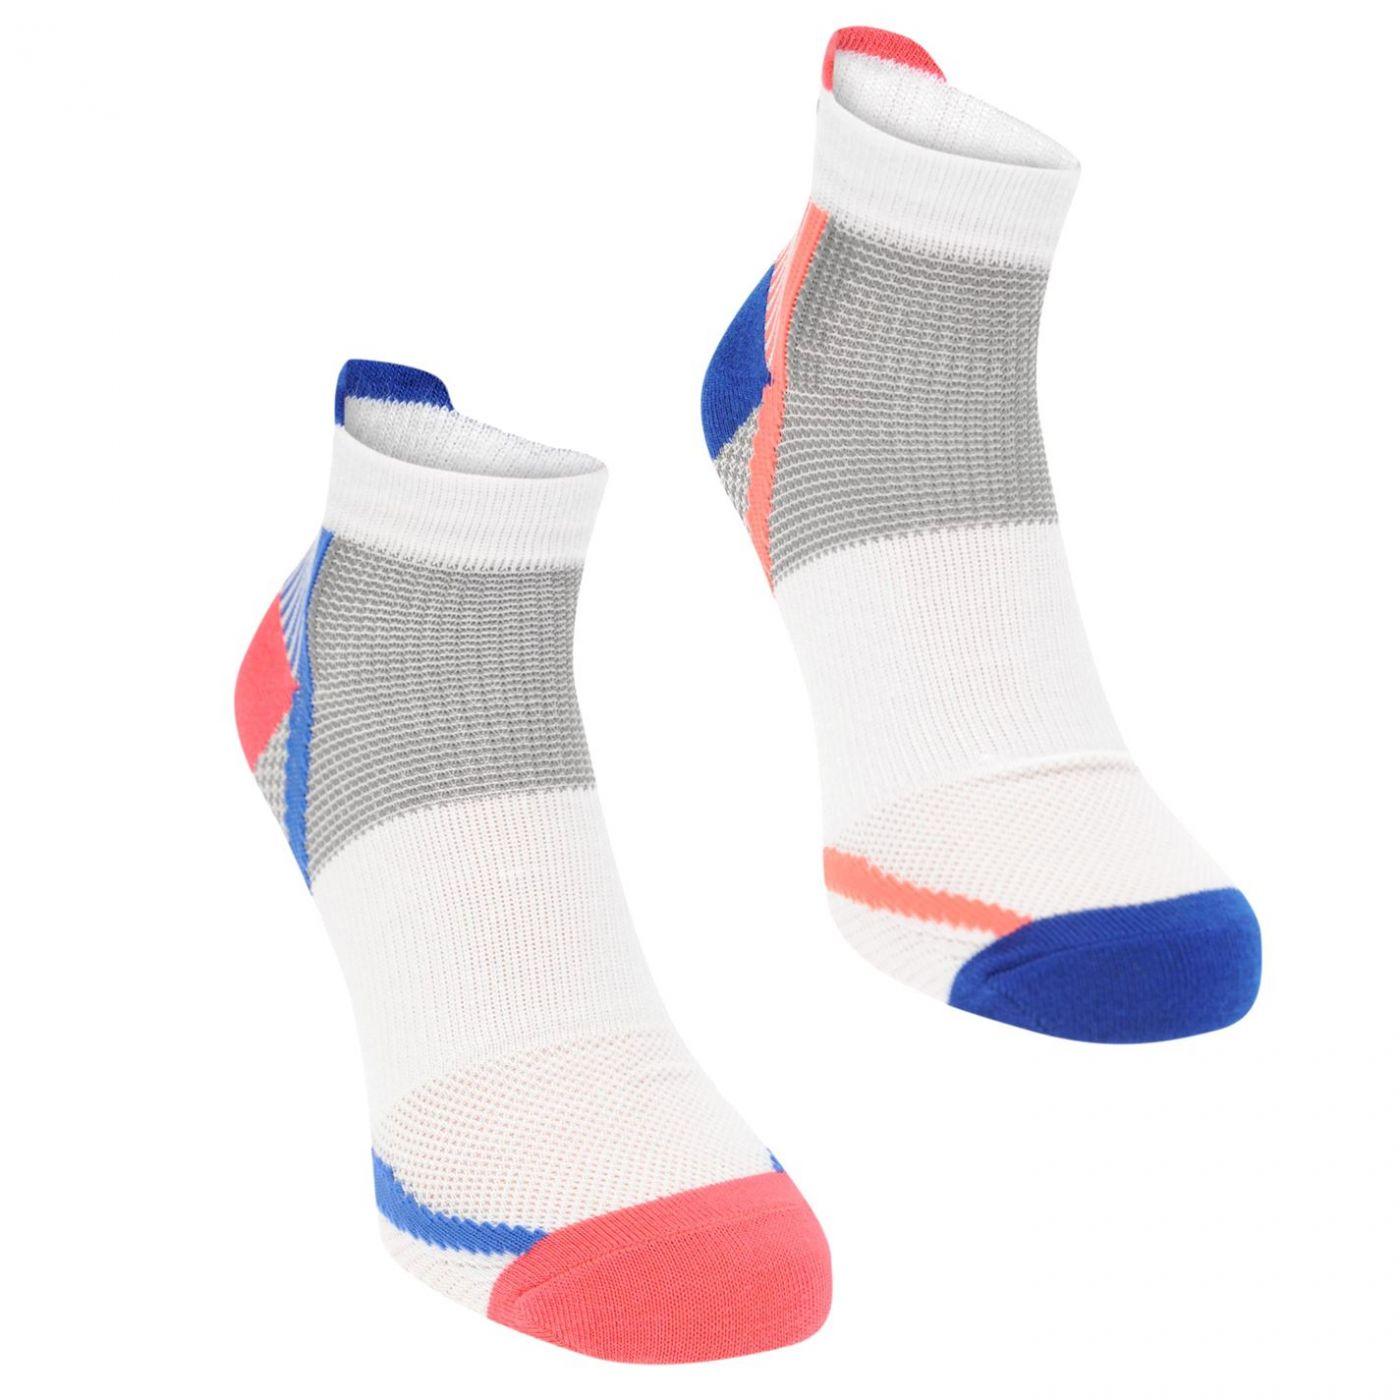 Karrimor Support Socks 2 Pack Mens